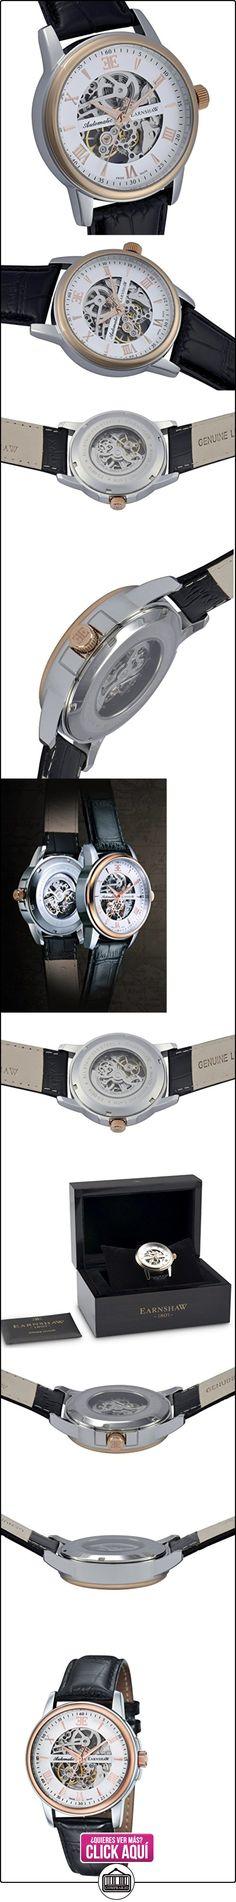 Thomas Earnshaw ES-0014-01 - Reloj analógico para hombre con esfera analógica de color blanco y correa de cuero negra  ✿ Relojes para hombre - (Lujo) ✿ ▬► Ver oferta: https://comprar.io/goto/B00LZWW10O